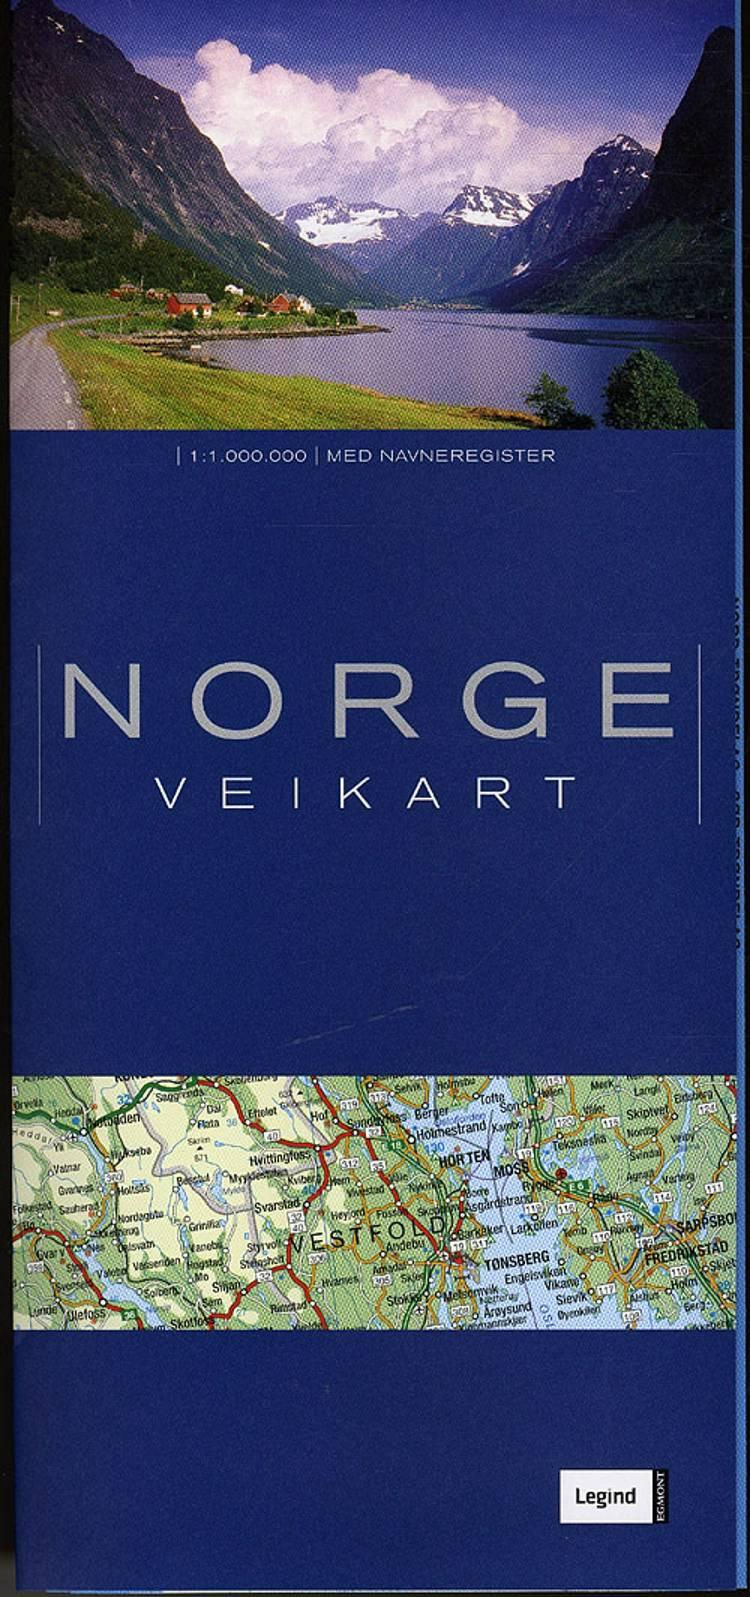 Norge veikart - Colli á 20 stk.